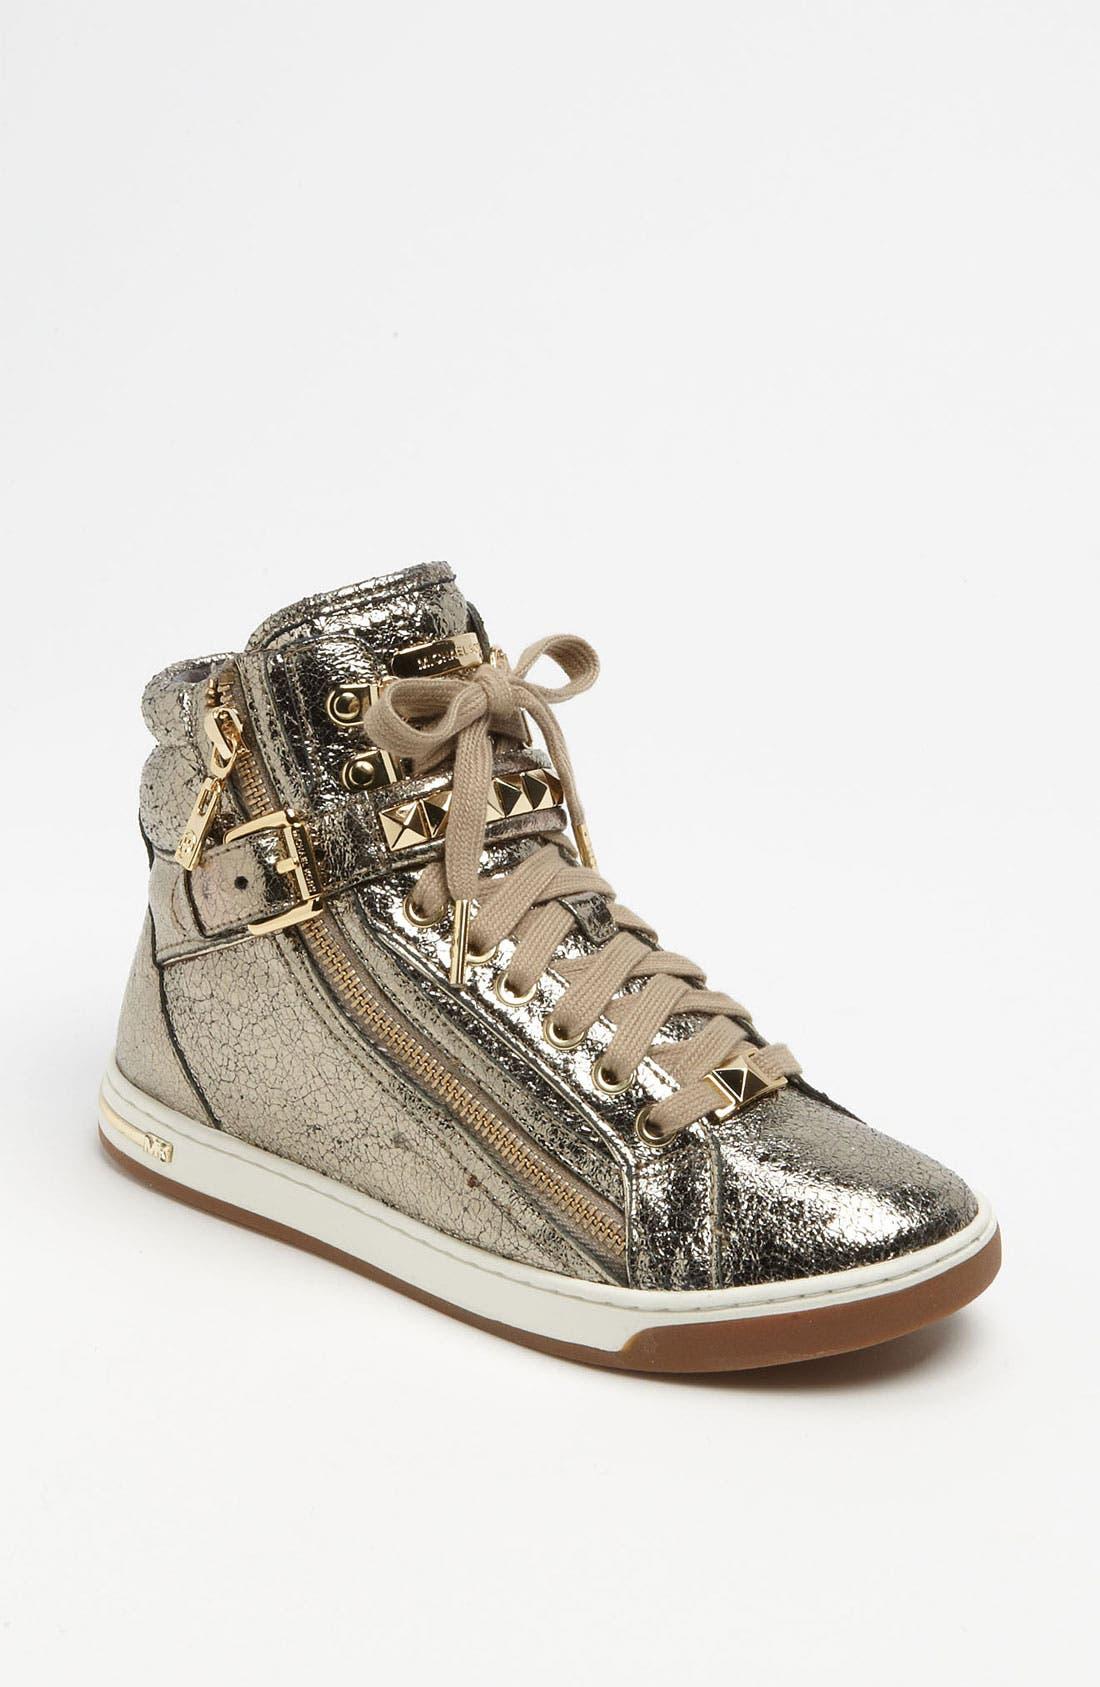 Main Image - MICHAEL Michael Kors 'Glam' High Top Sneaker